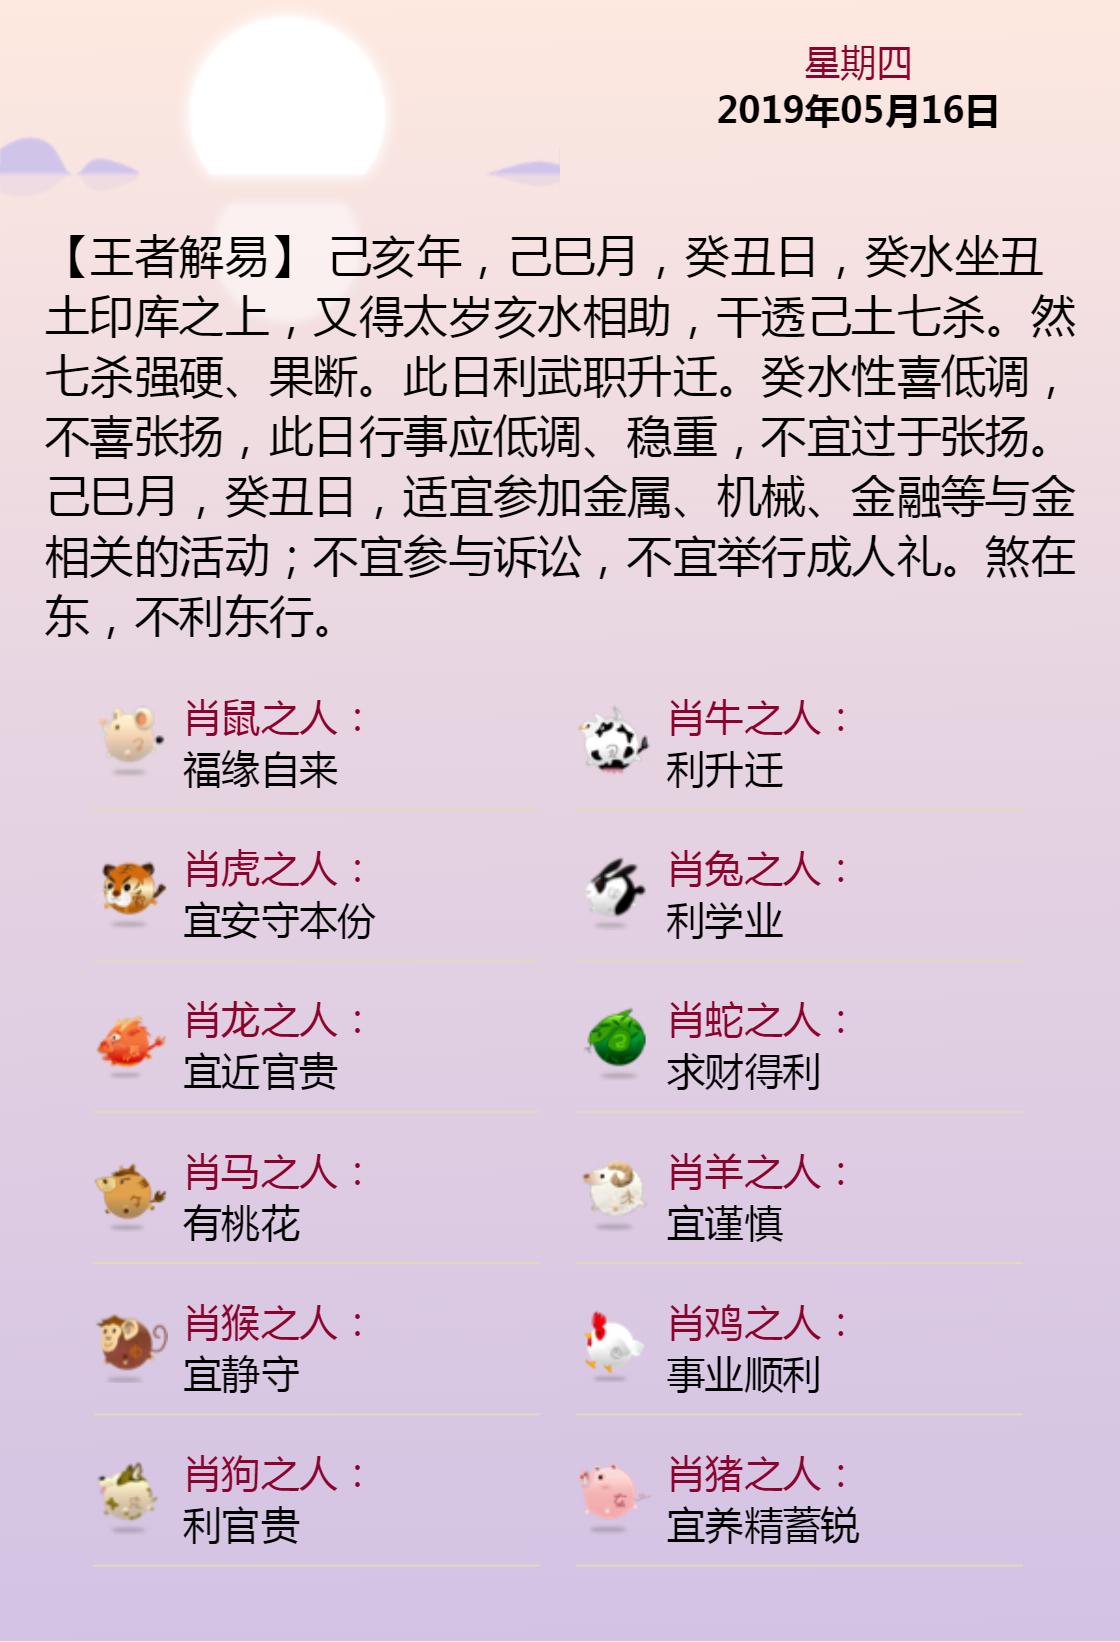 黄历海报20190516.png